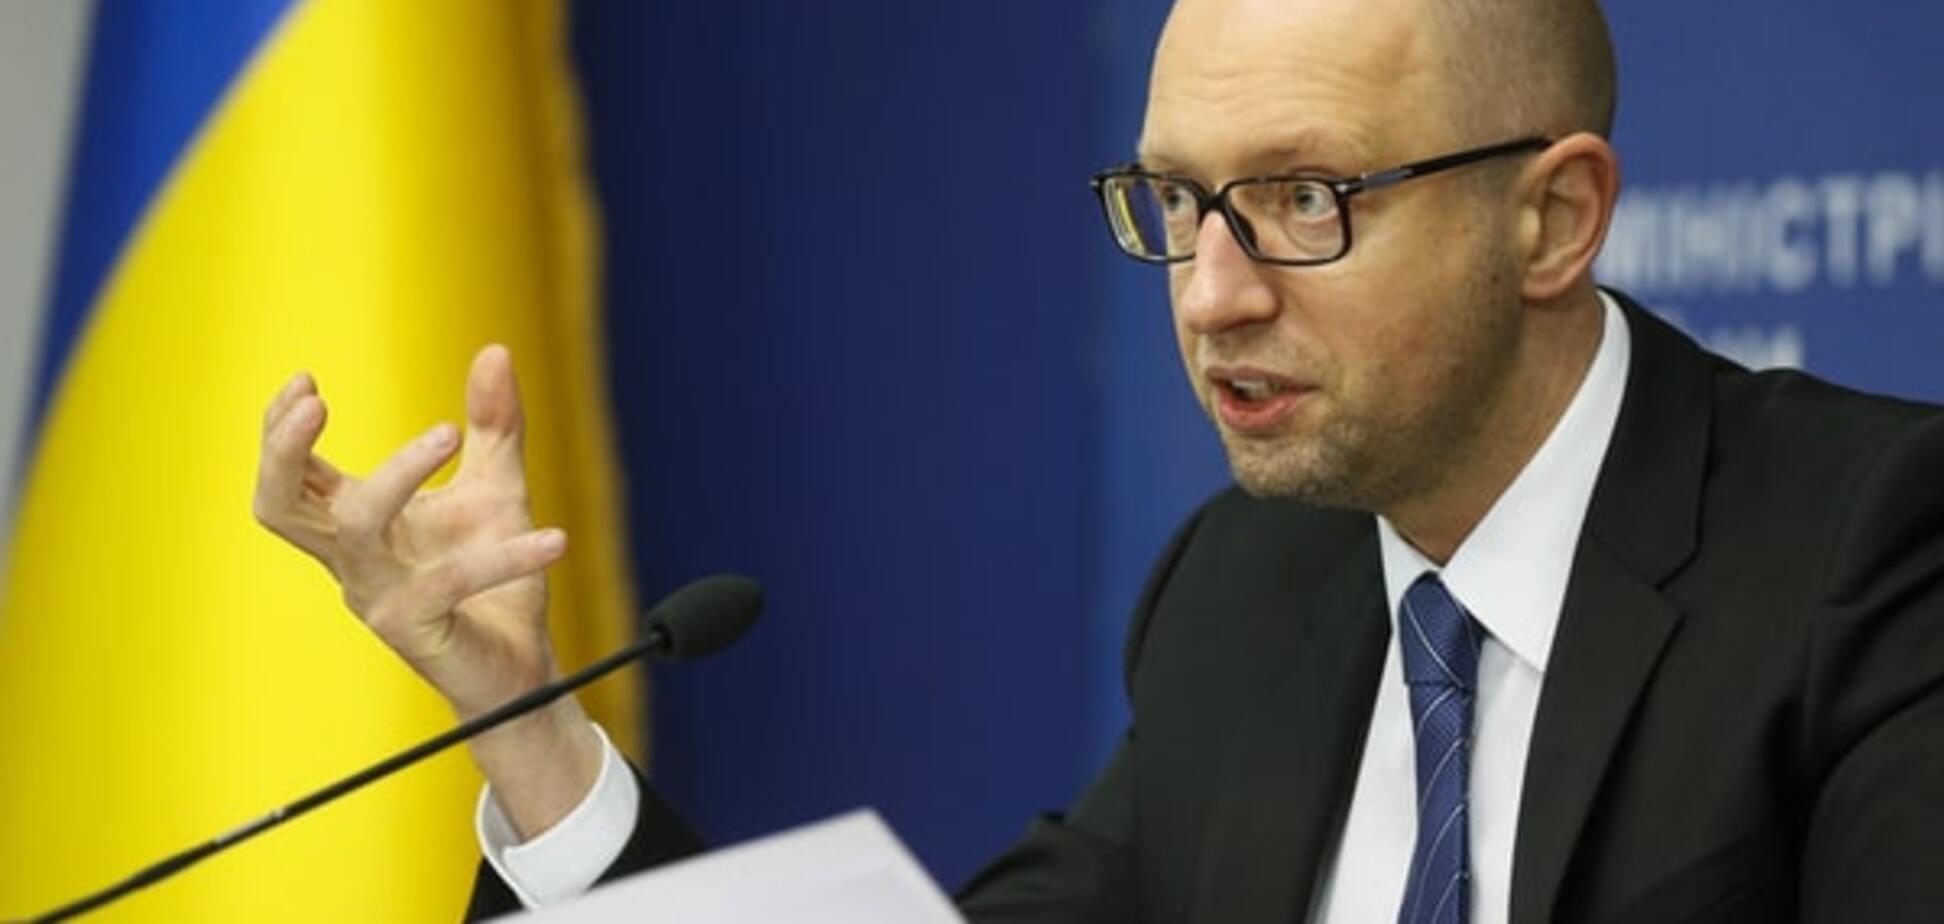 Яценюк таки планує звільнити Квіта: опубліковано аудіо скандального інтерв'ю